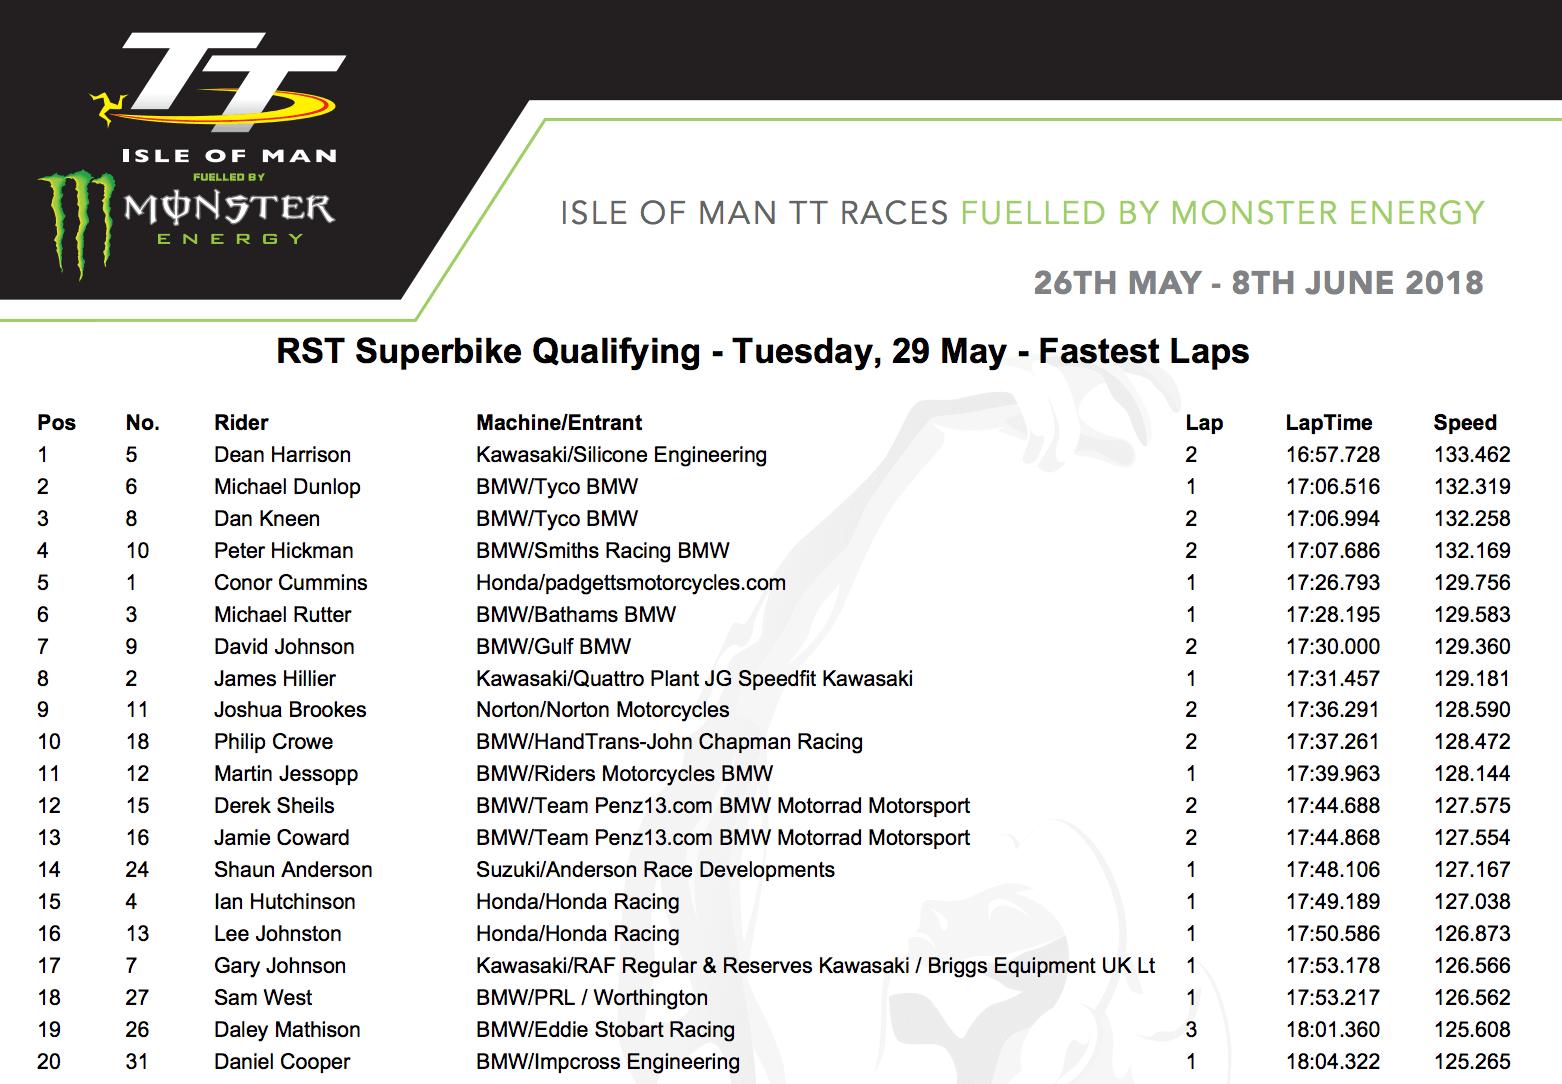 ★マン島TT2018 29日のスーパーバイククラス予選でディーン・ハリソンが再びトップ